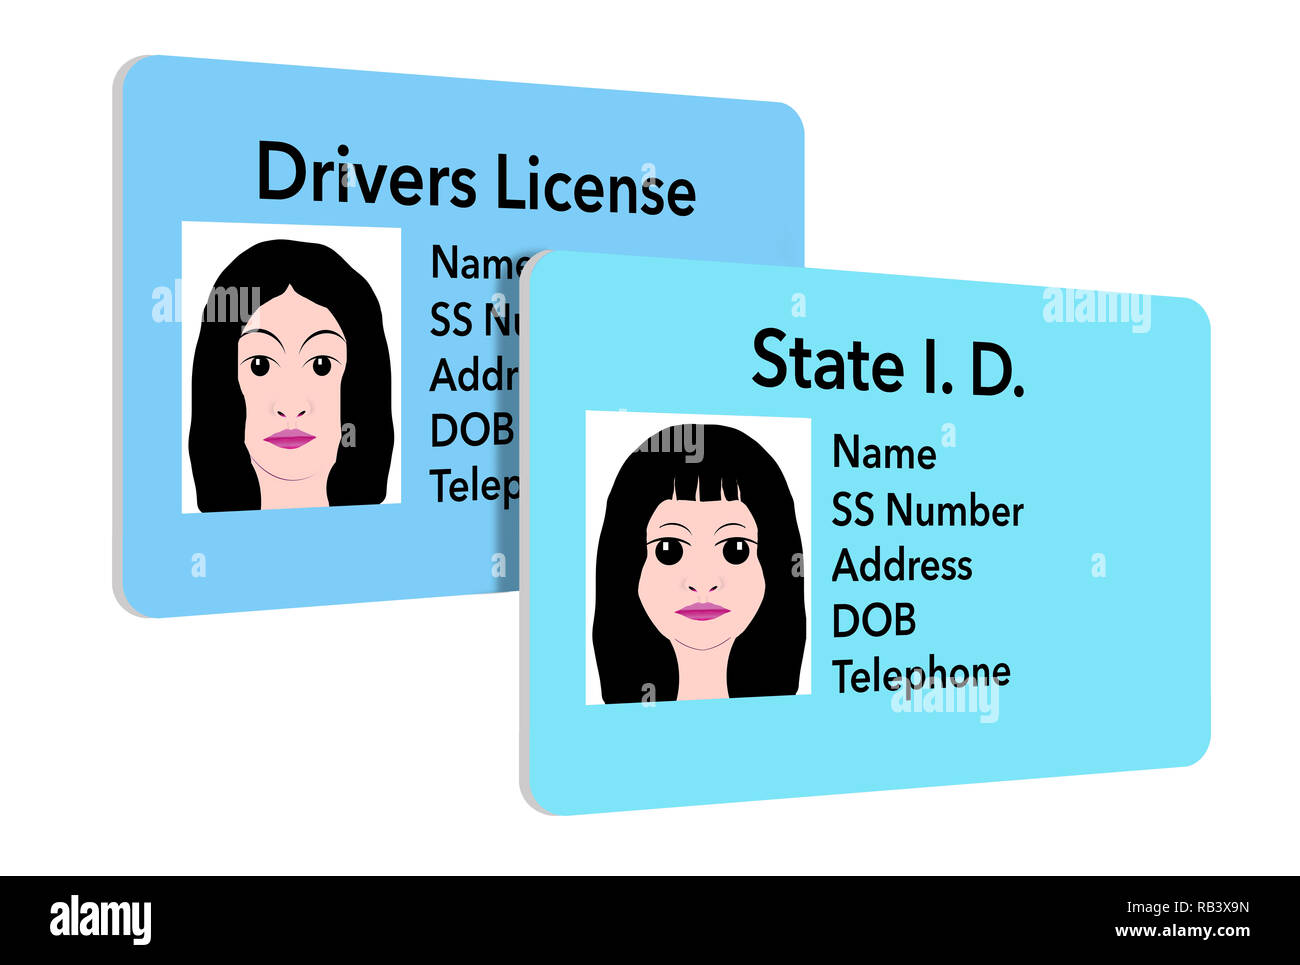 A continuación se muestra una ilustración de una tarjeta de identificación del estado, que se utiliza para los jóvenes. Una joven chica del ID es visto junto a su madre la licencia de conductores. Imagen De Stock